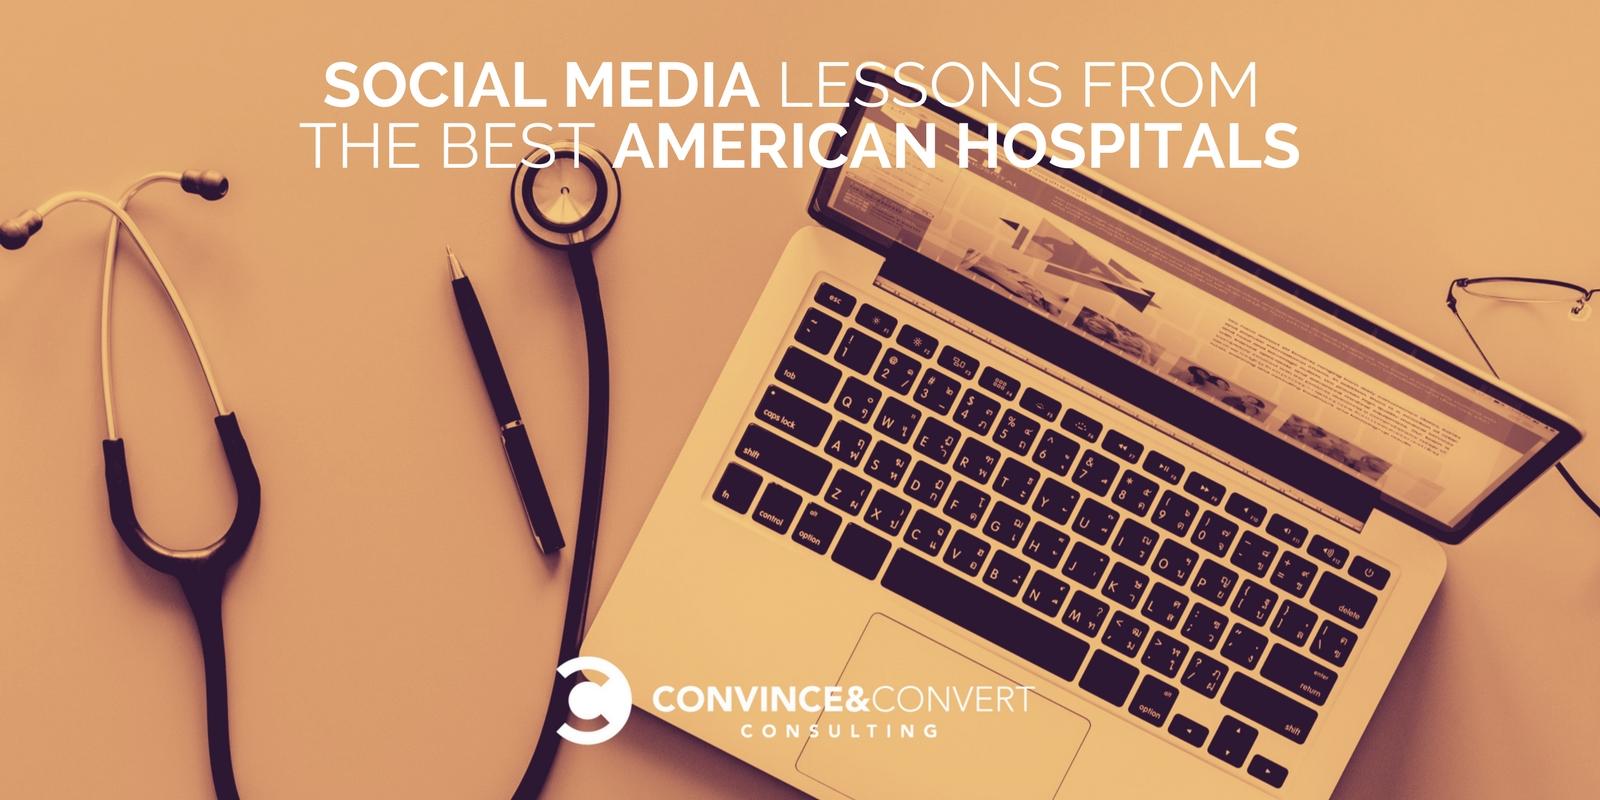 Lezioni sui social media dai migliori ospedali americani